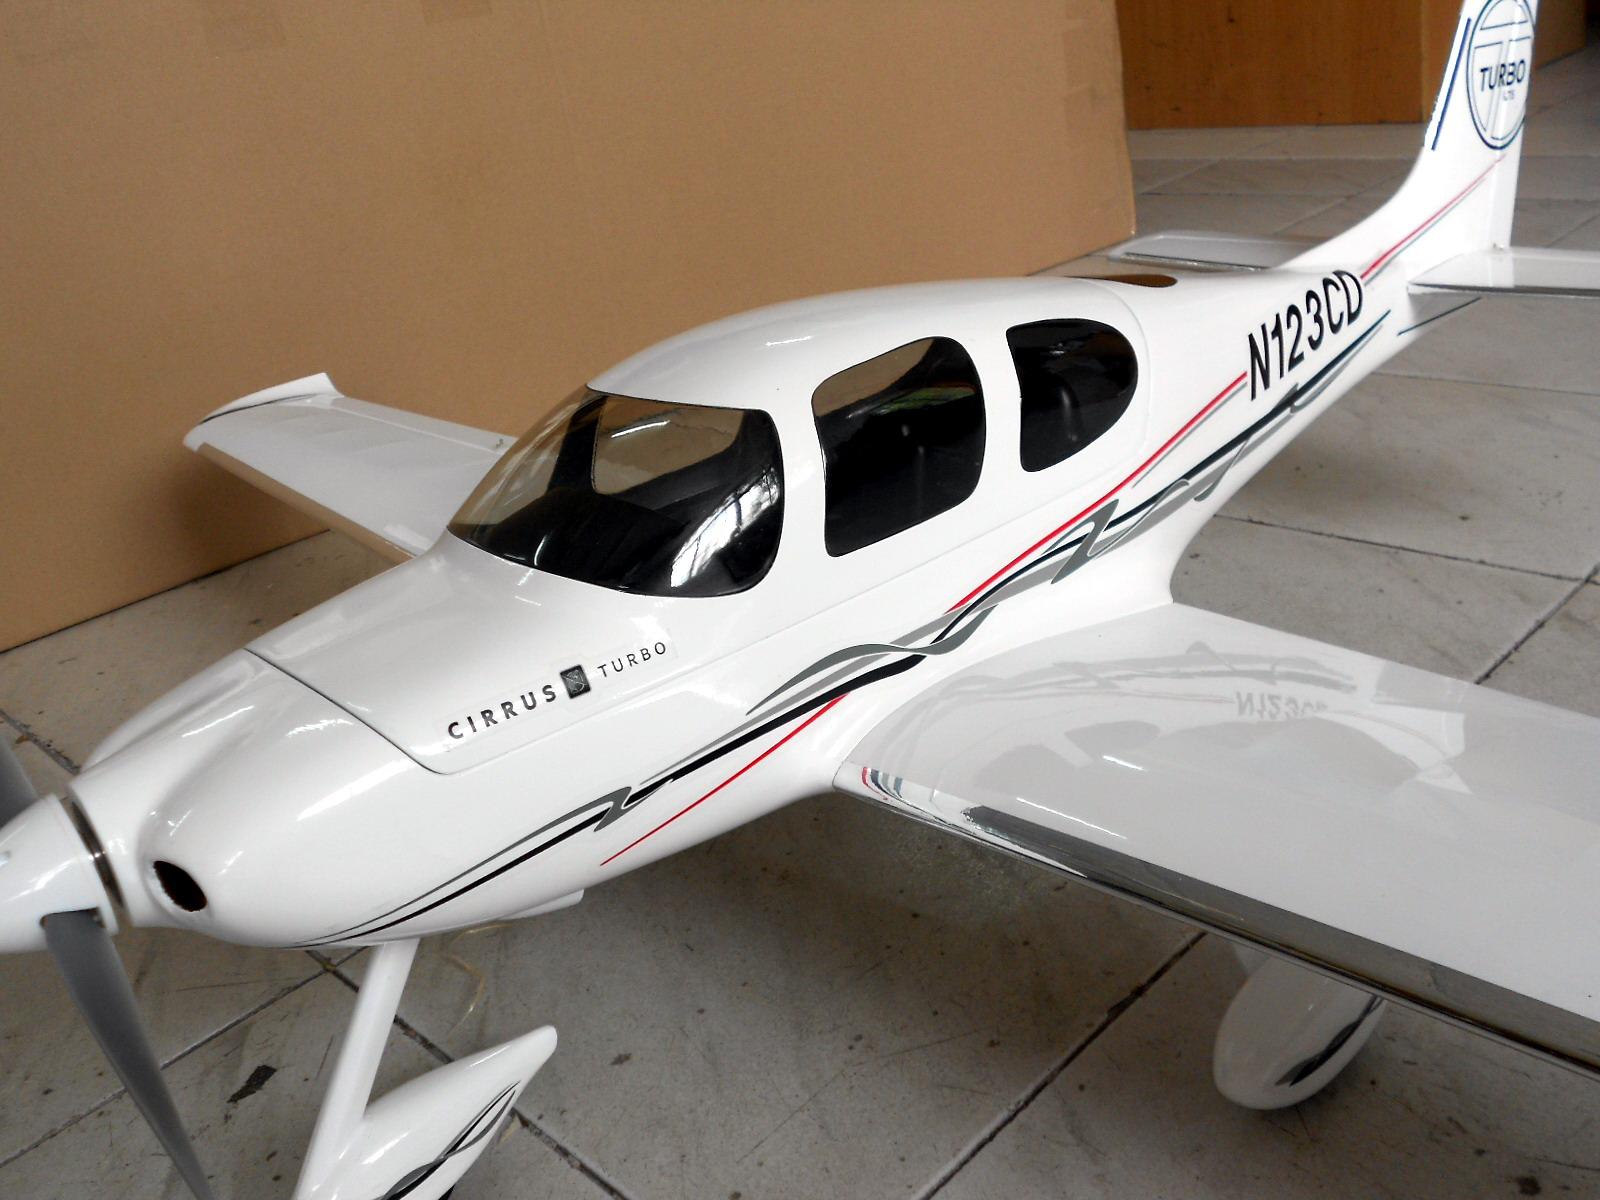 供应西锐sr22遥控固定翼航模飞机现已到图片